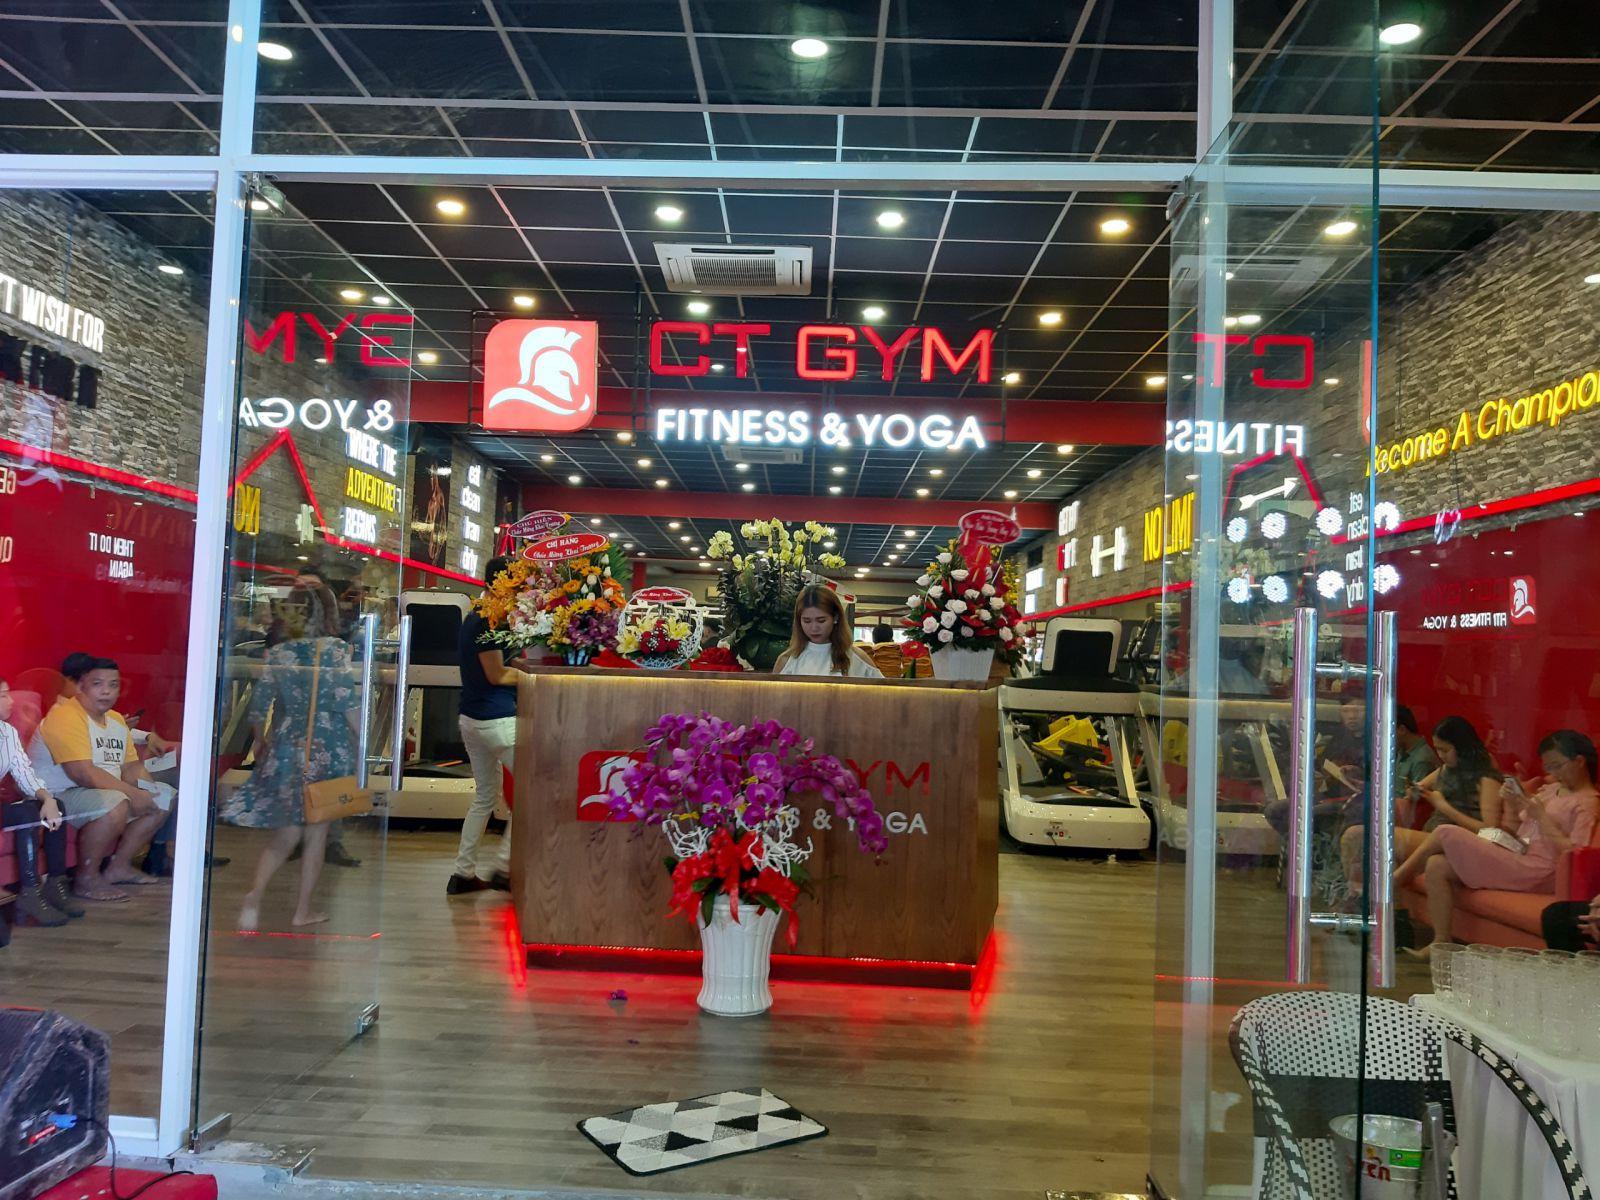 Hệ thống phòng gym CT GYM